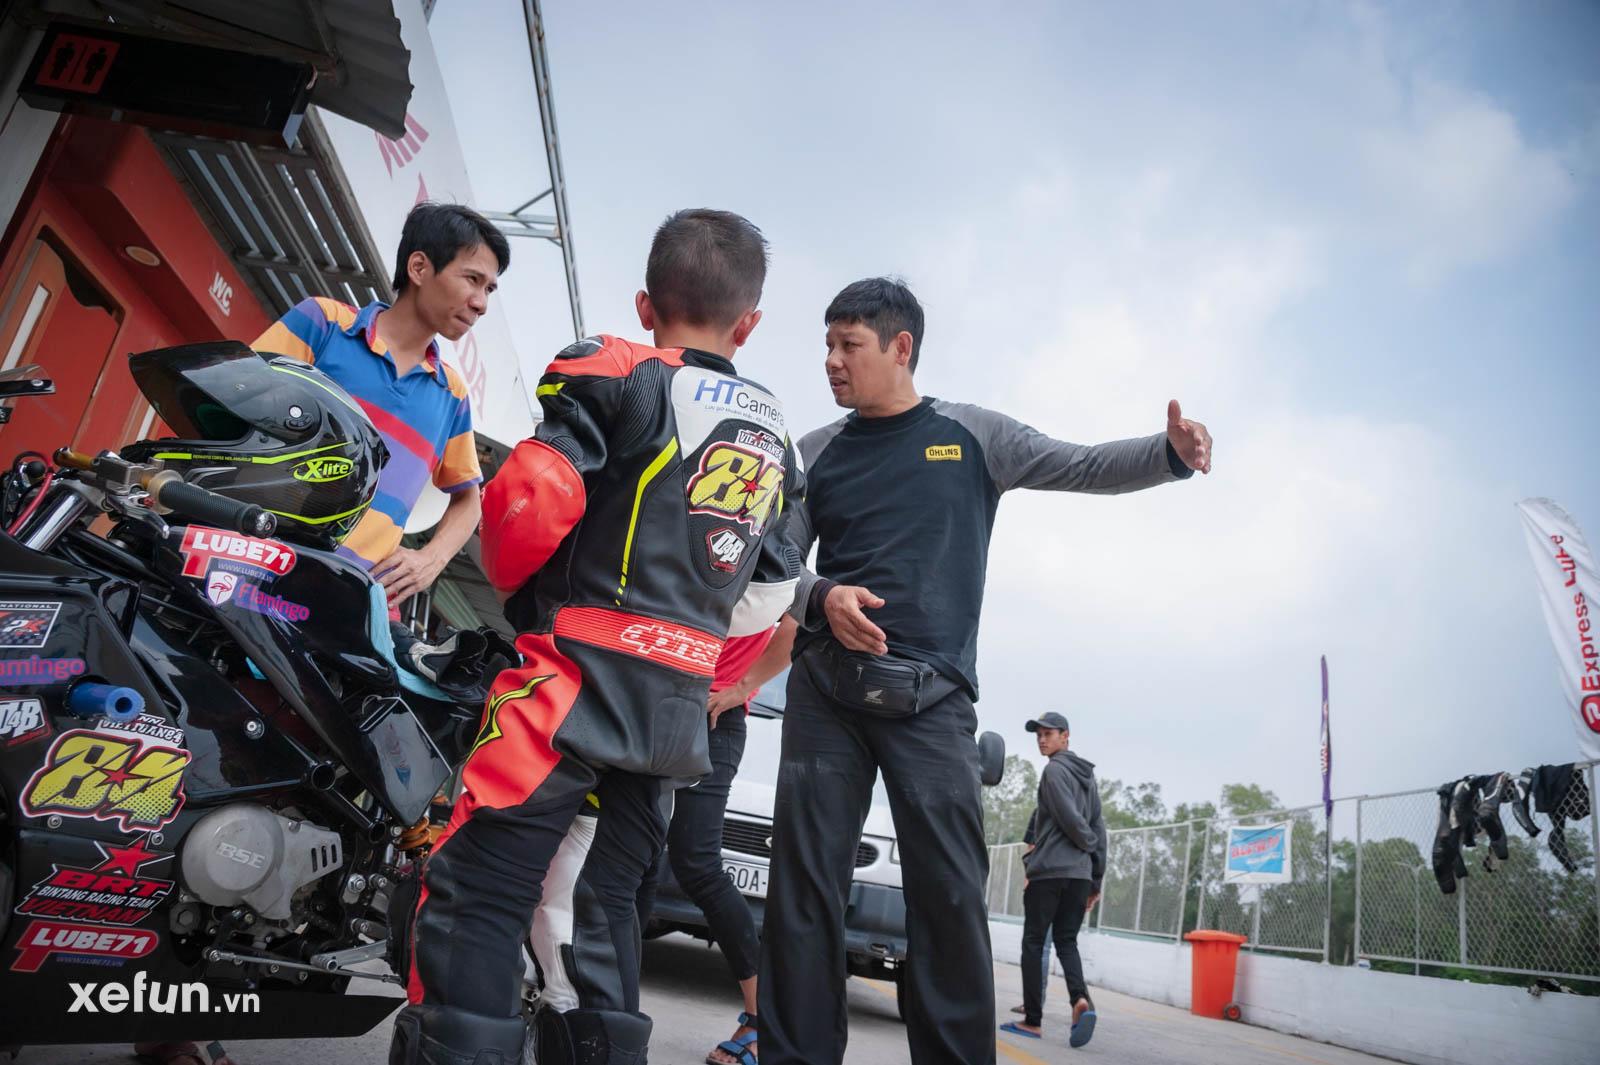 Bé Su 9 tuổi của Gia Cát Việt Tuấn cùng HLV Quân Trần Racing trên Xefun (1)47576